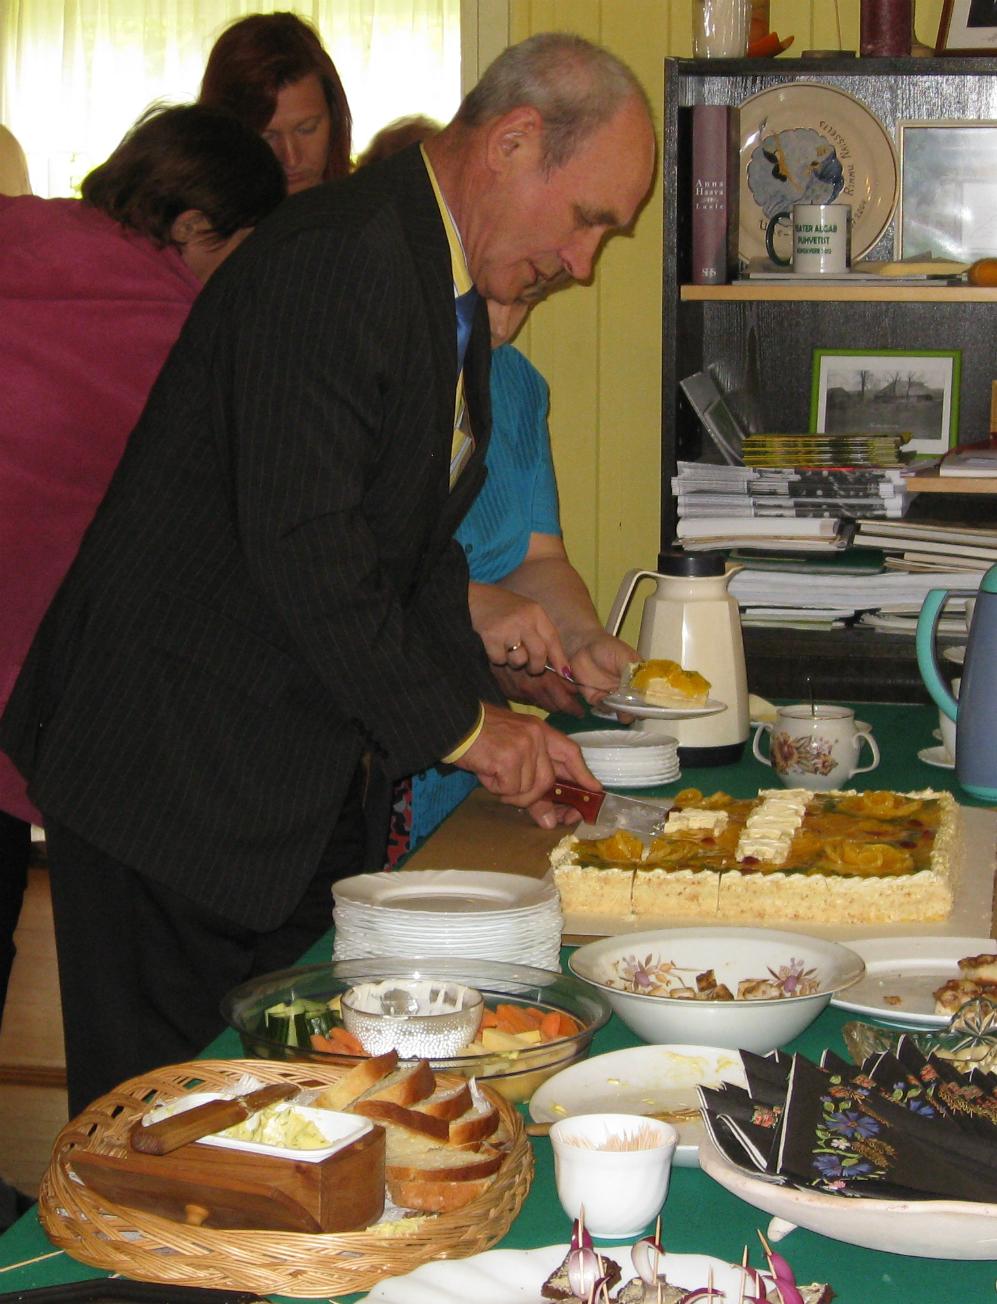 """Külavanem Romeo Mukk sünnipäevatorti lõikamas. Laua vasakus nurga on \""""Ergma sai \"""", mida esmakordselt küpsetati siis, kui Riigikogu esimees Ene Ergma 2007 Kuhjaveret külastas"""